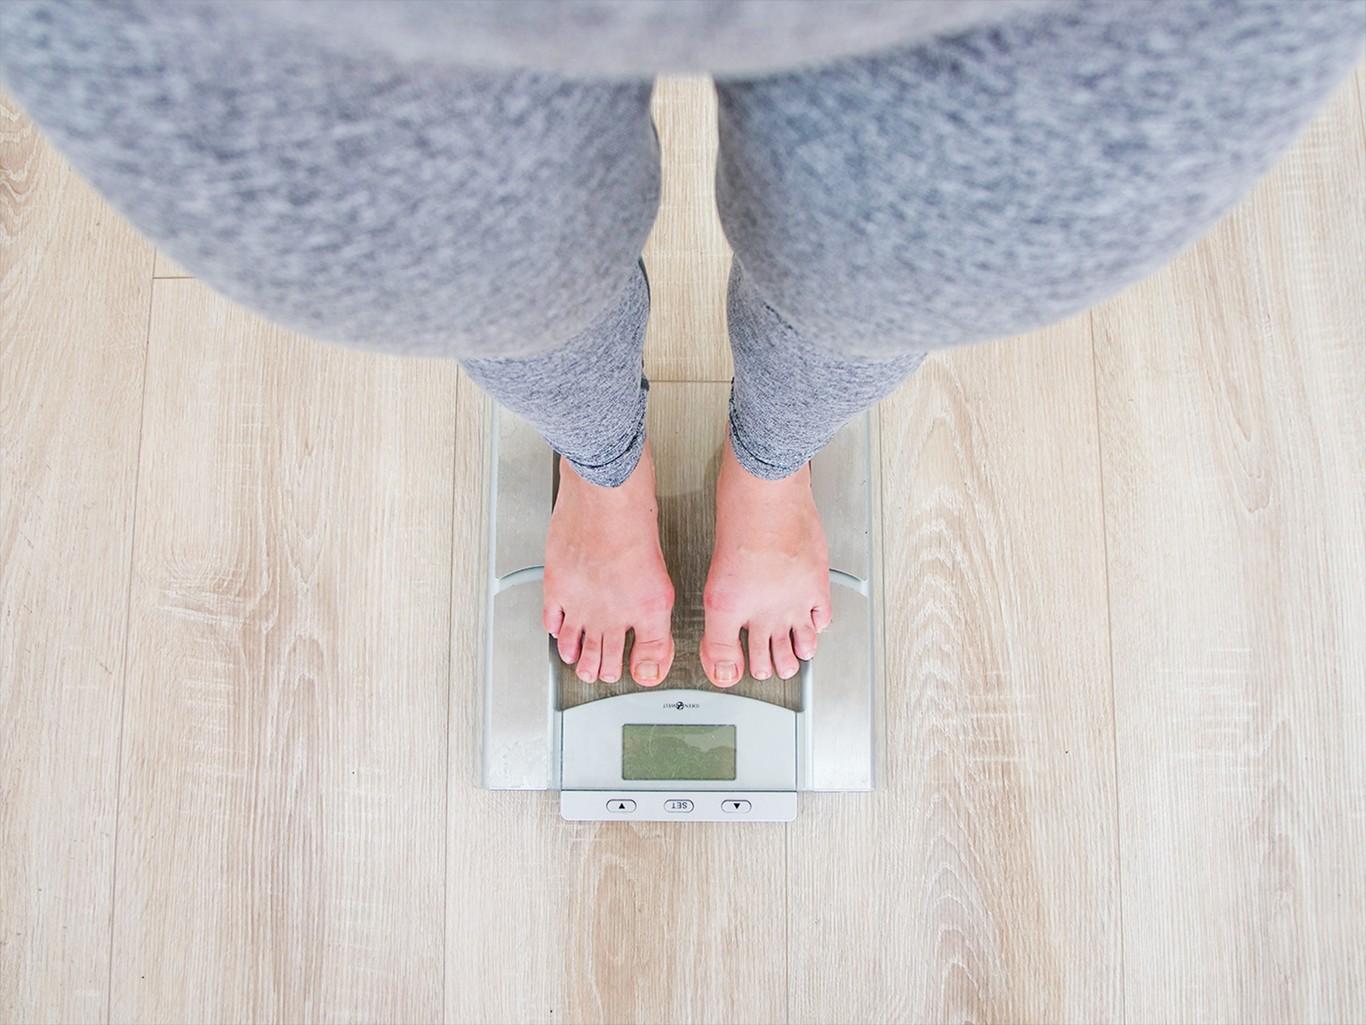 Mantener un peso normal en la edad adulta, se asocia a menor riesgo de muerte por todas las causas